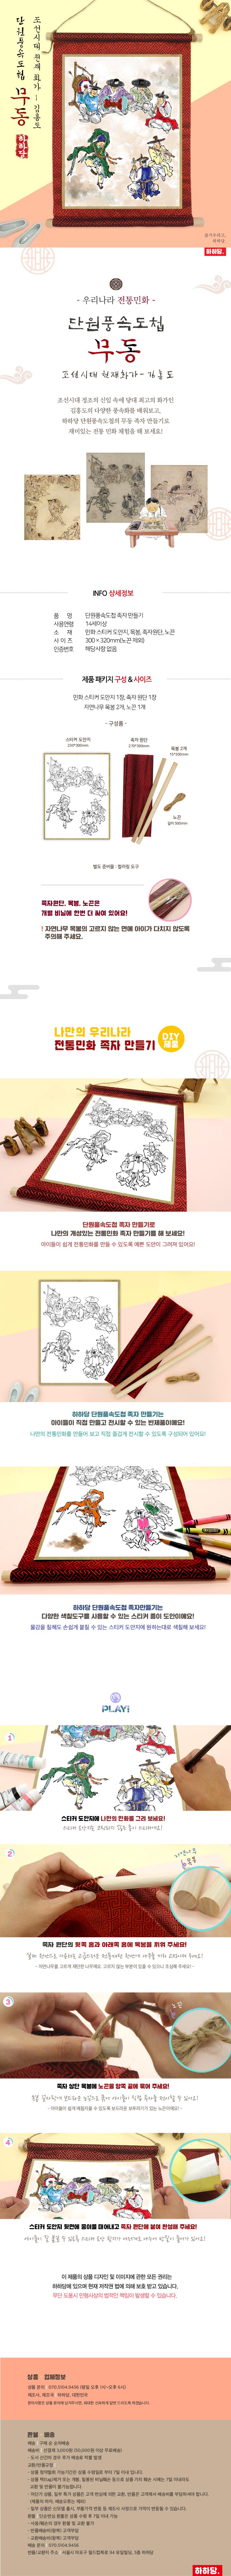 김홍도 족자만들기 - 무동 - 하하당, 3,500원, 미술놀이, 미술교구